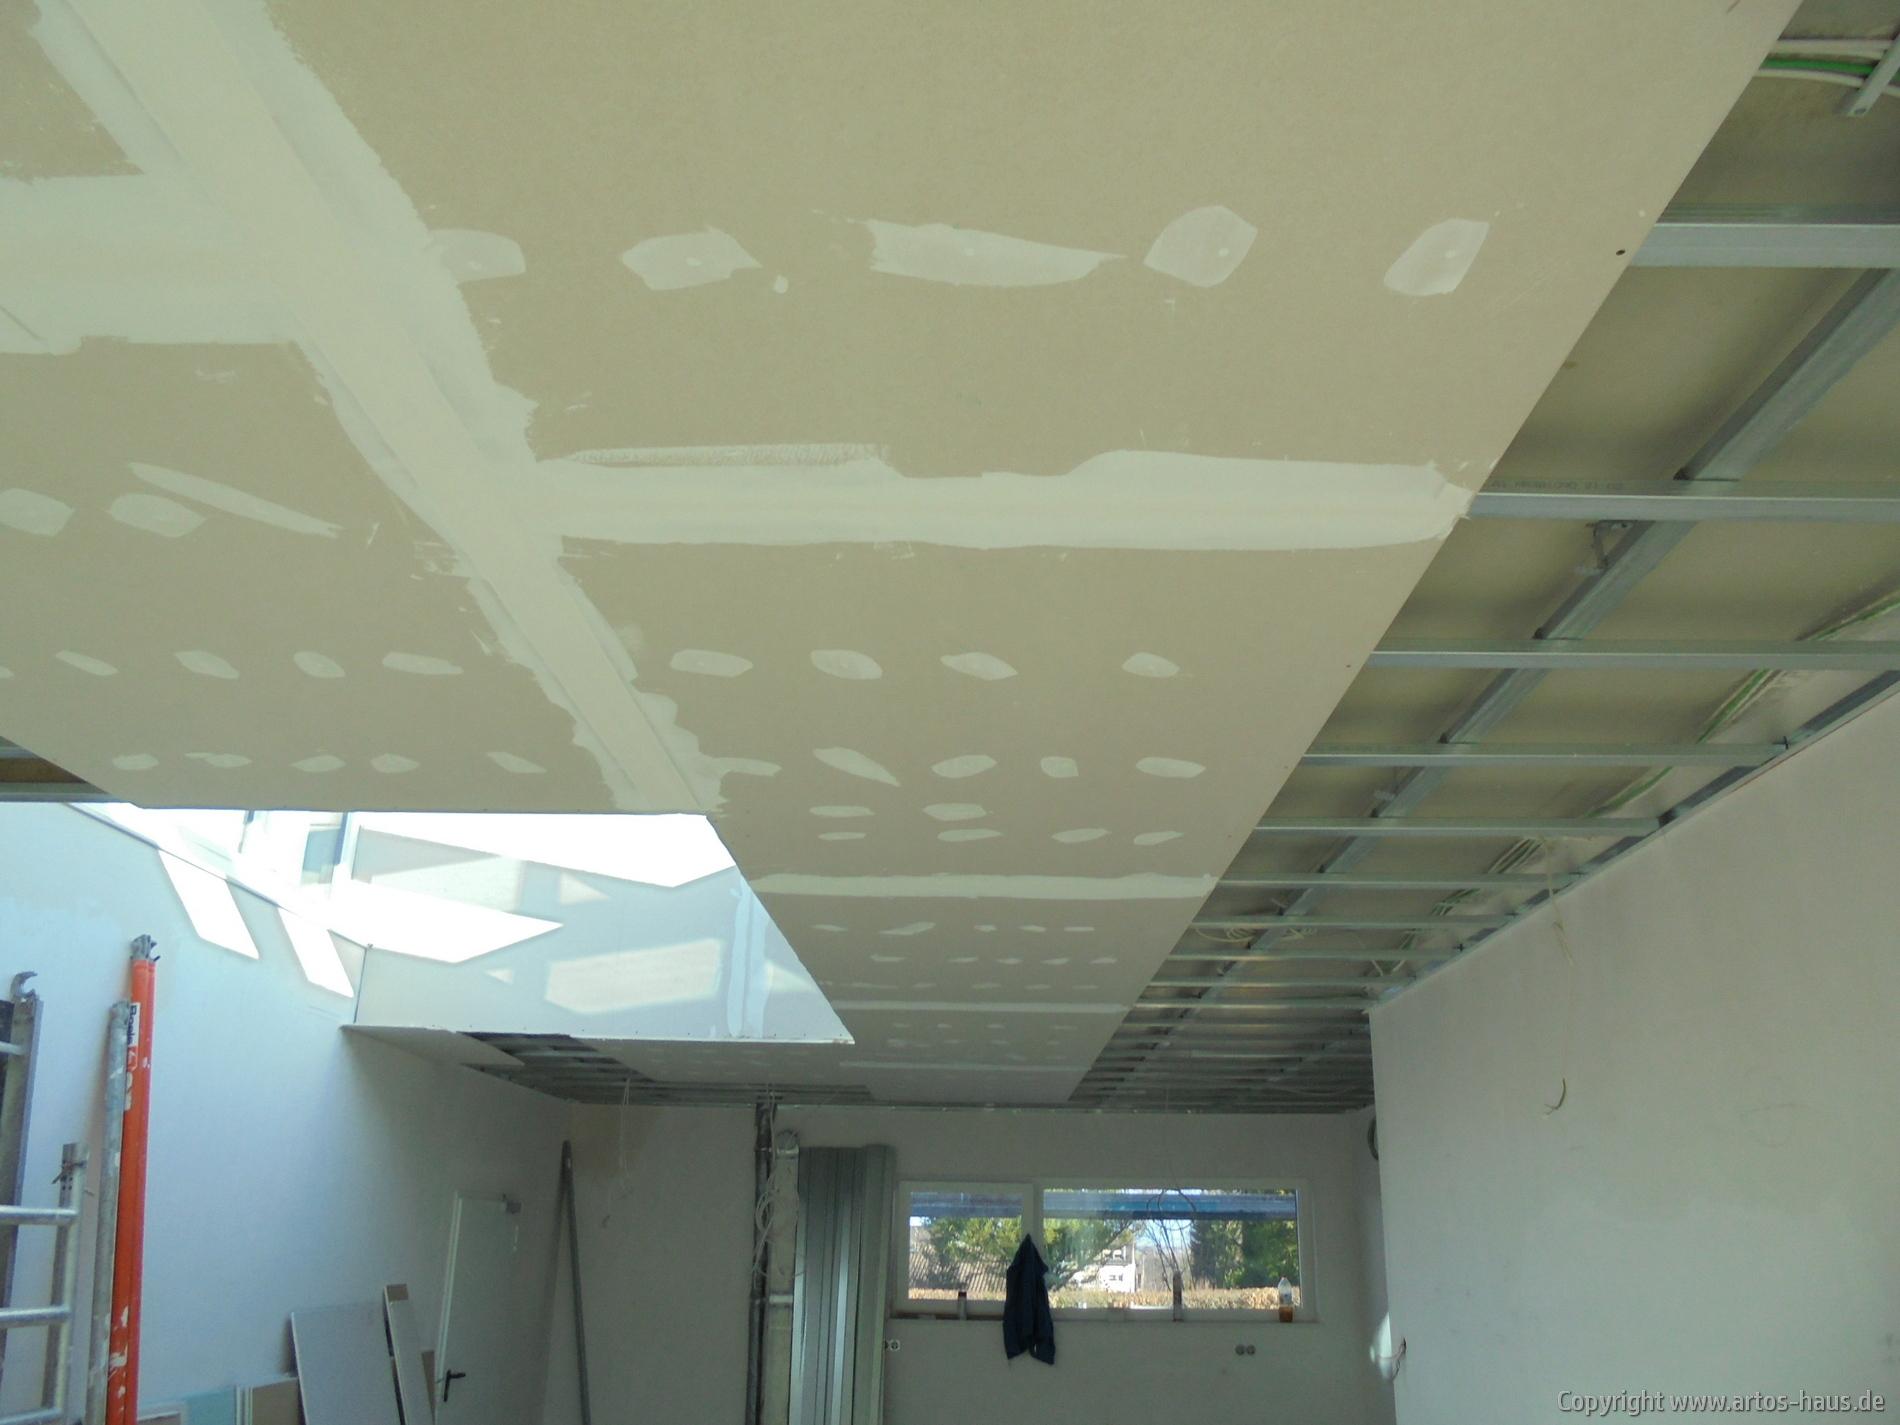 Abhangdecke | ARTOS-HAUS Bauvorhaben, Bild 3